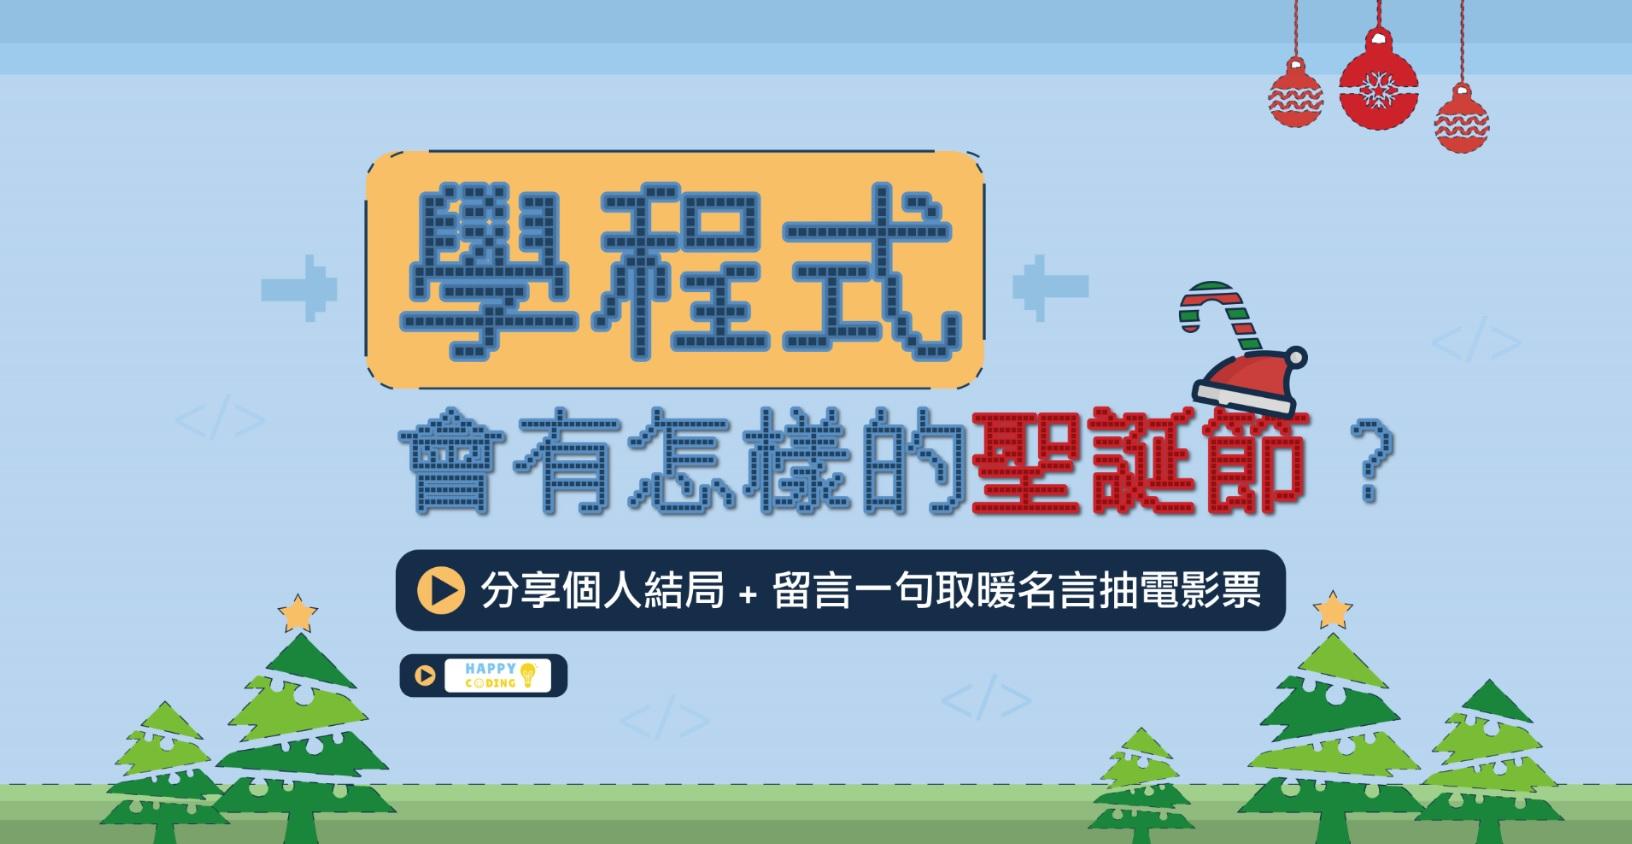 用 Chatbot 打造超有趣線上 RPG :把同事變成 NPC !